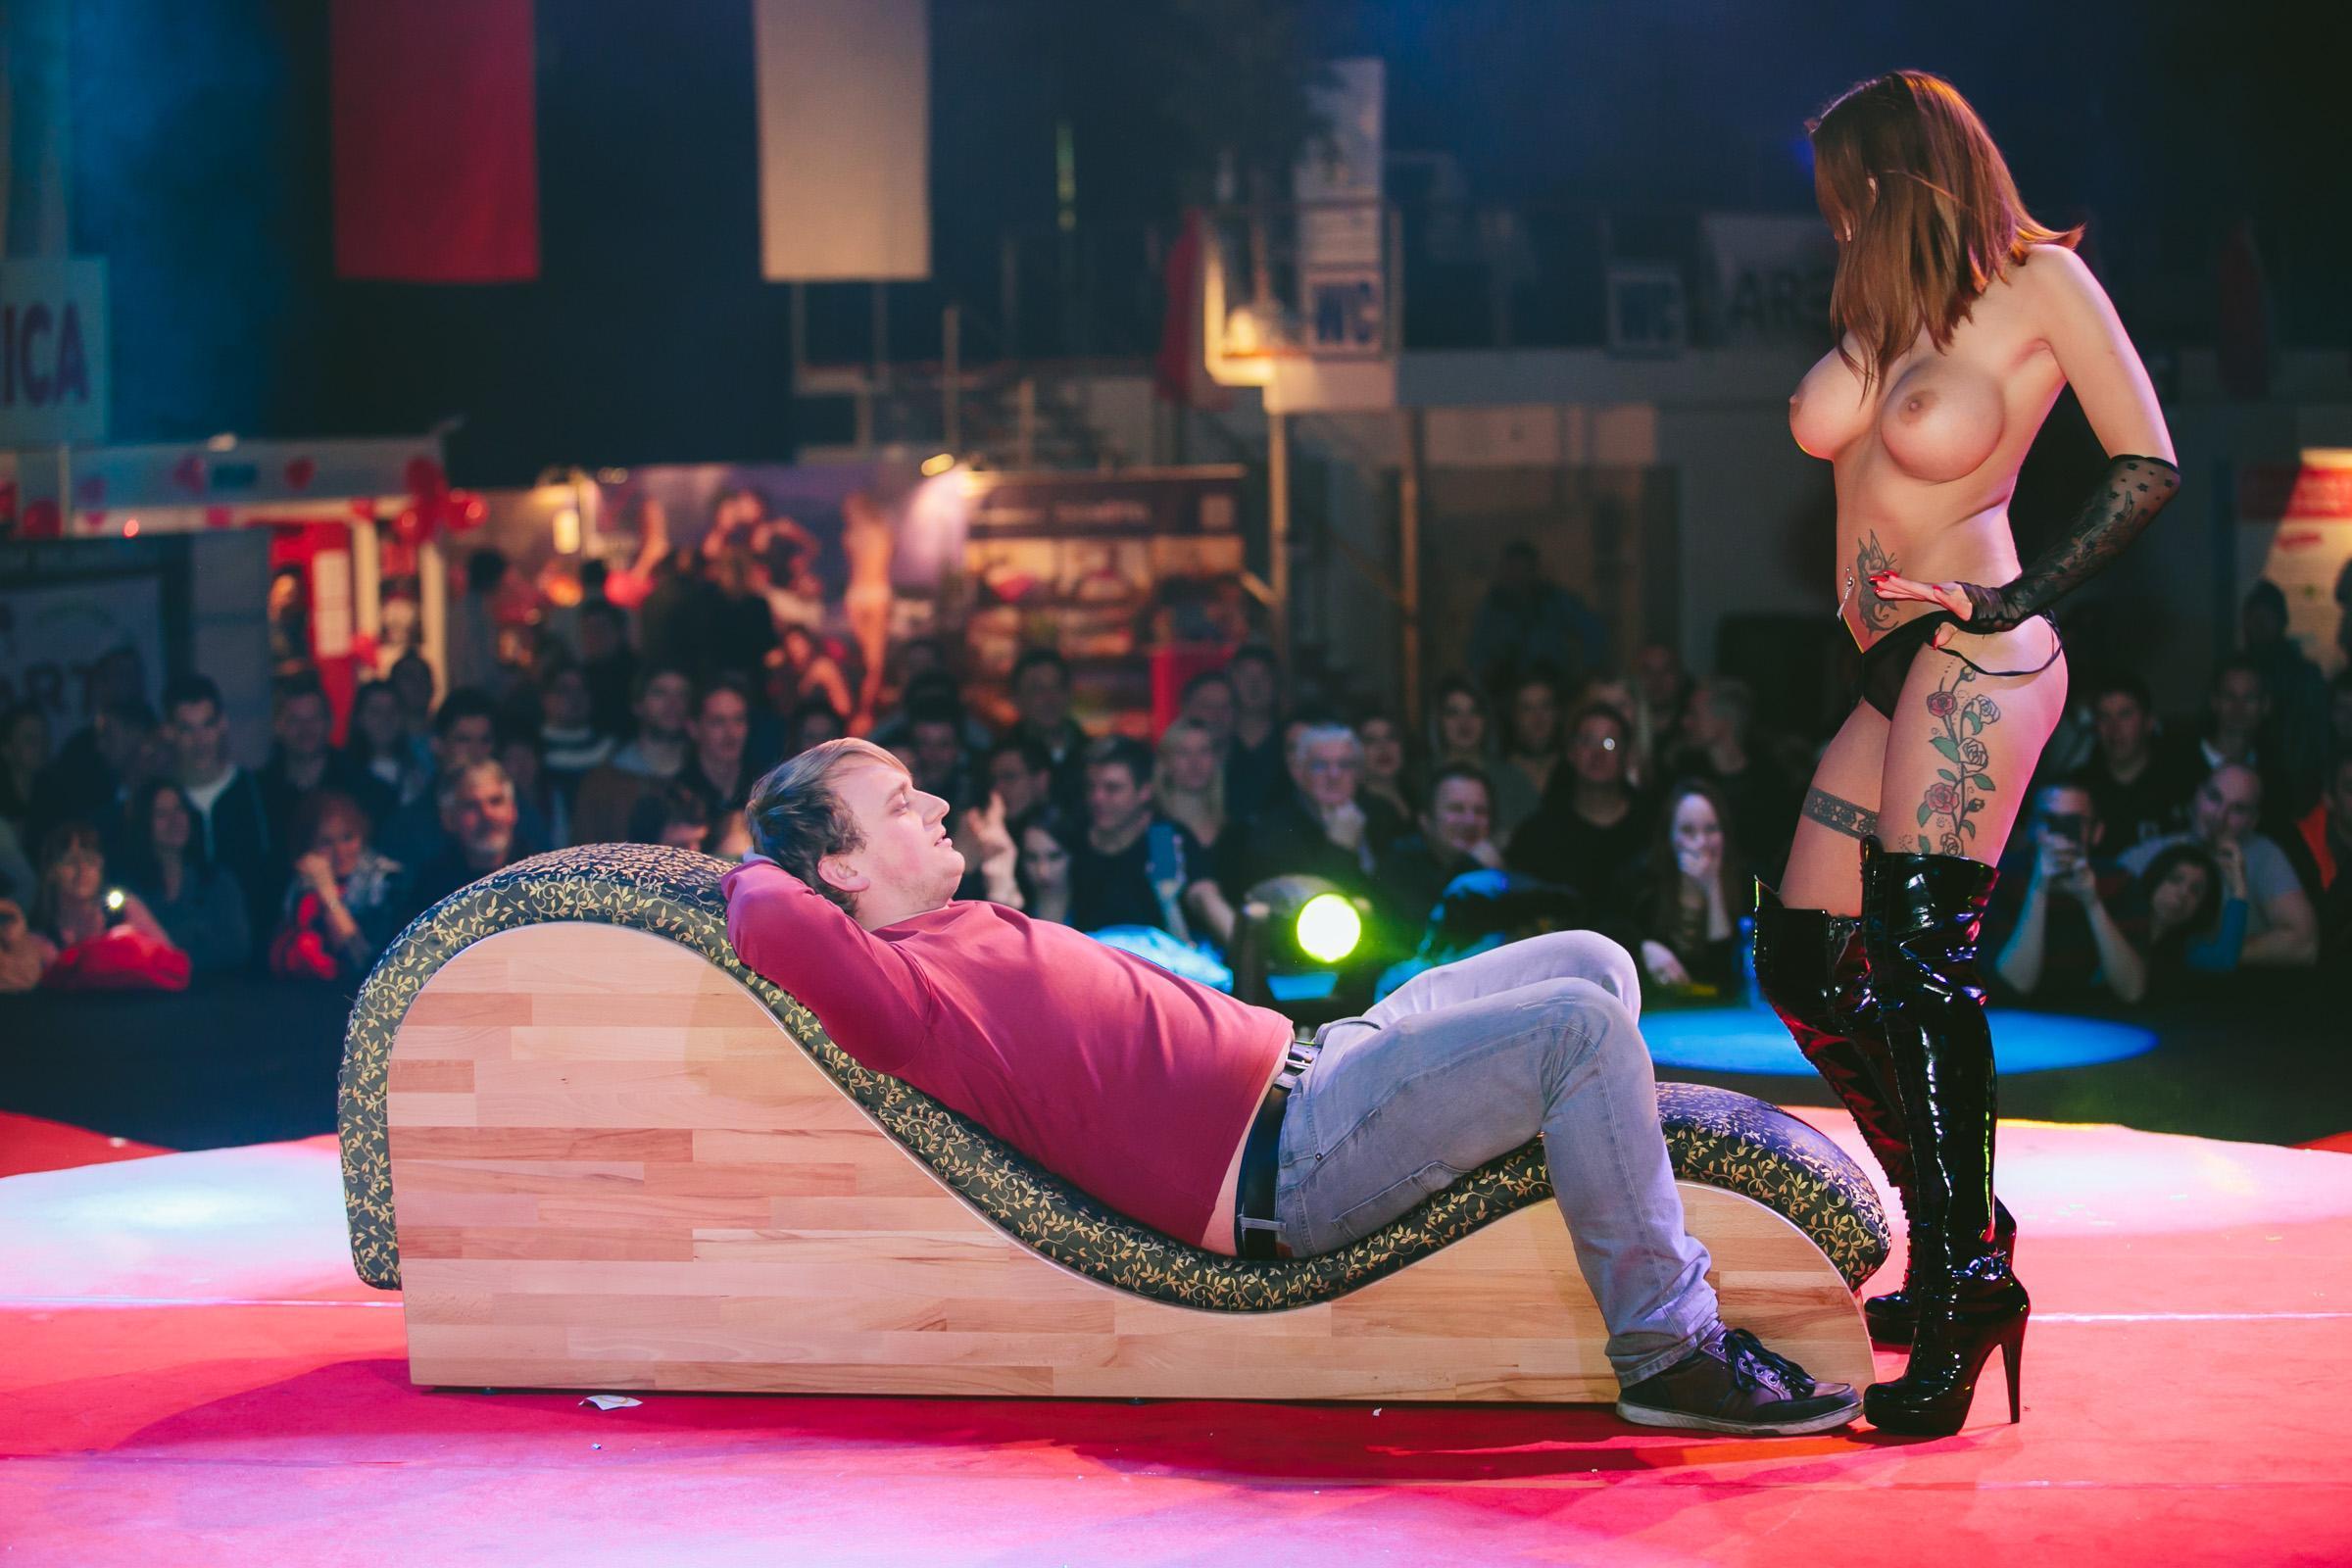 Смотреть безбашенные женщины-эротические шоу этого